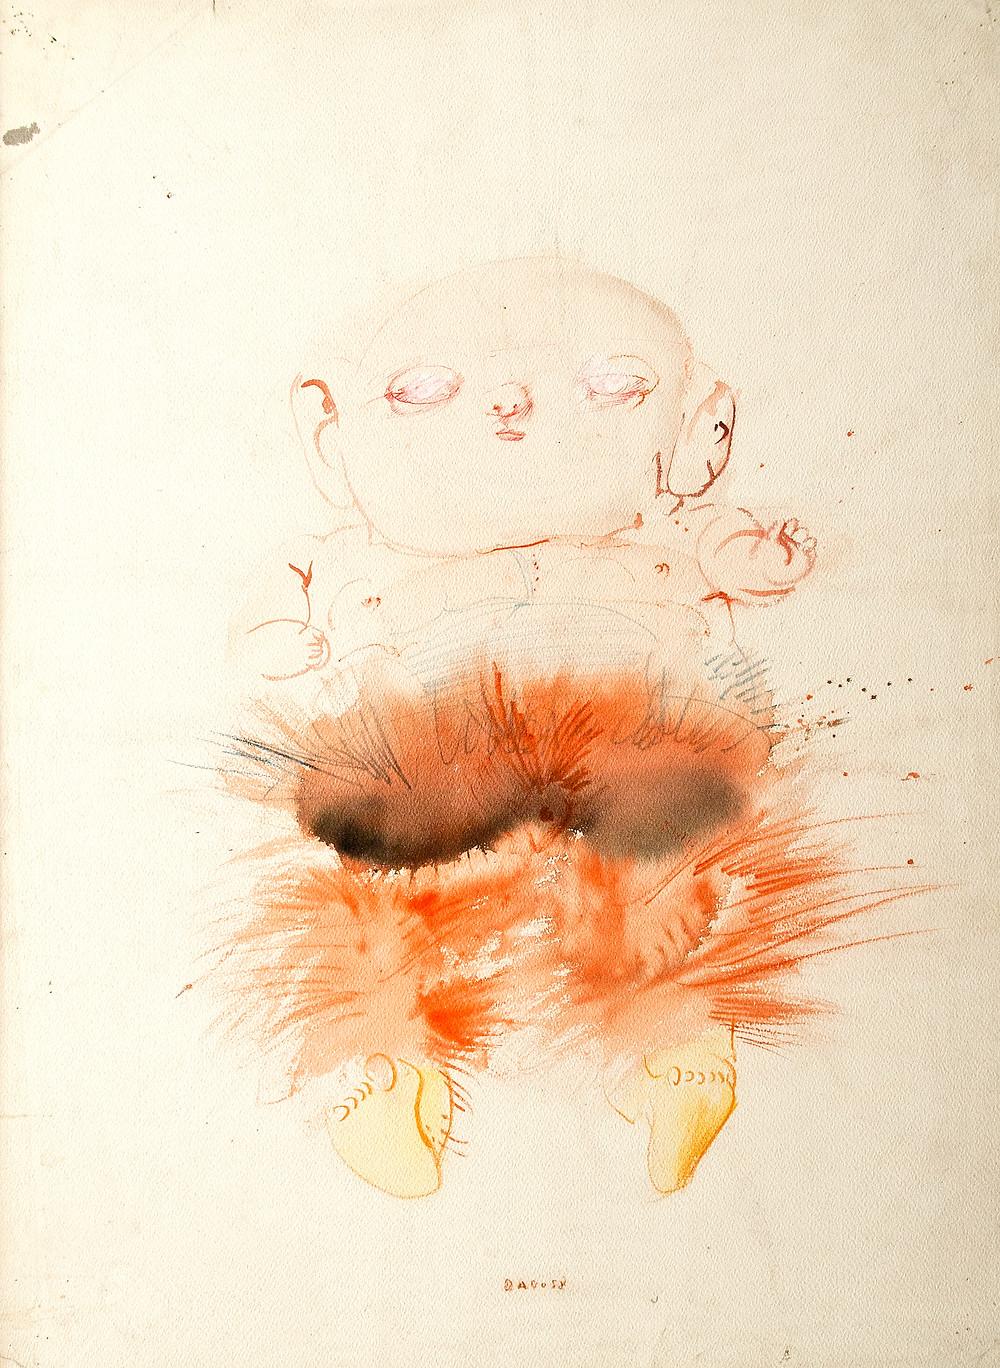 Dessin au lavis de l'artiste Dado qui représente un étrange bébé